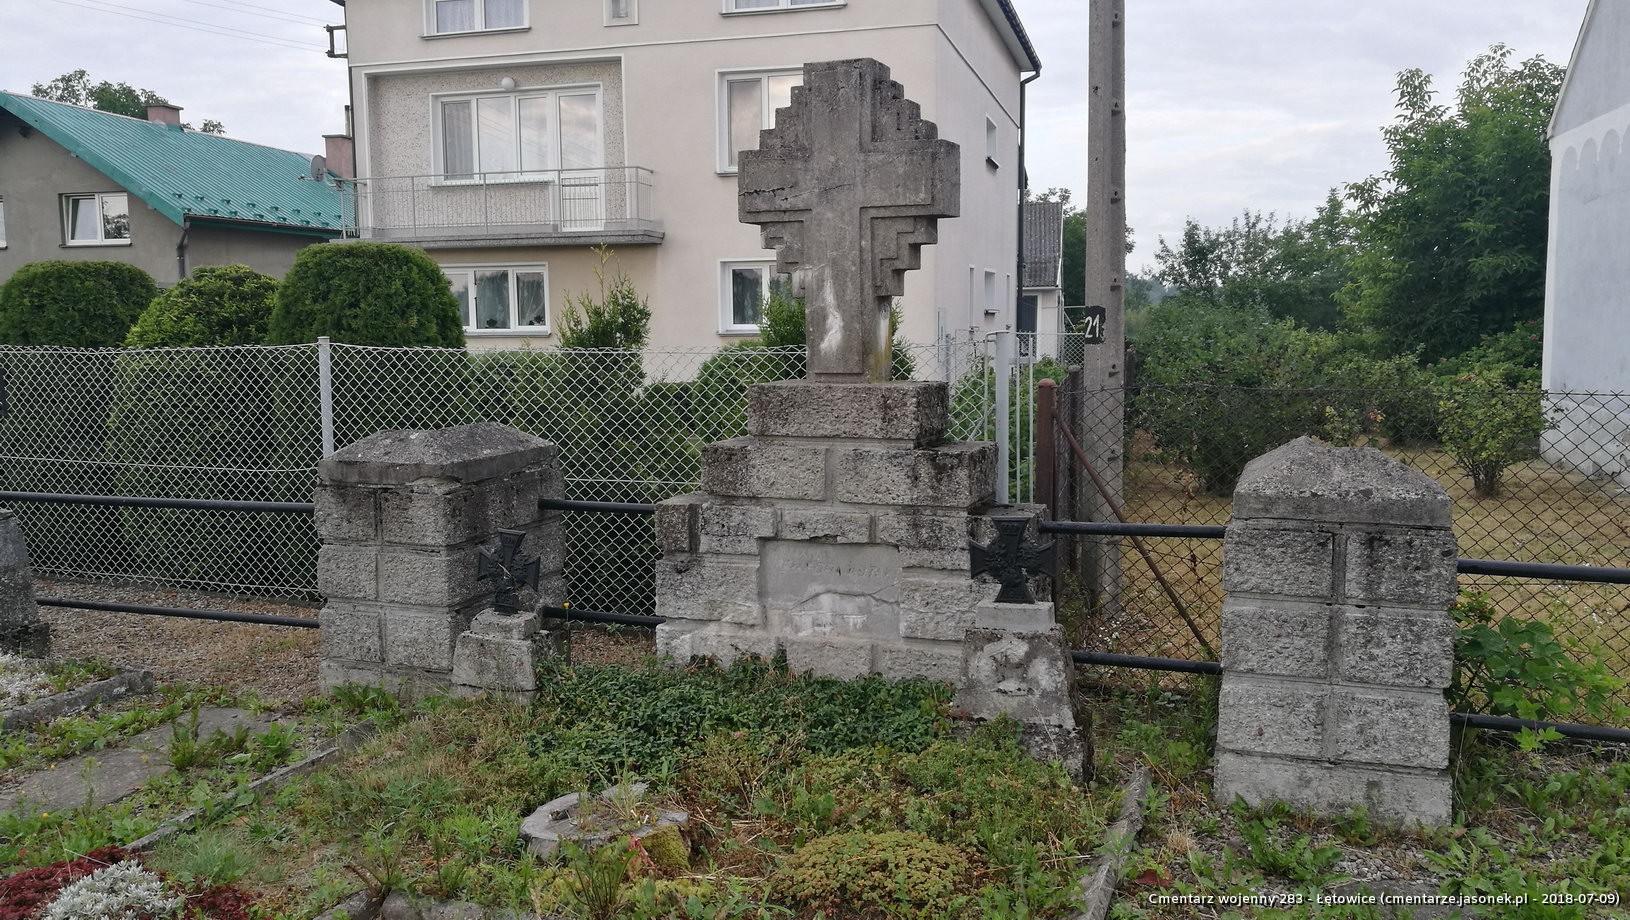 Cmentarz wojenny z I wojny nr 283 - Łętowice